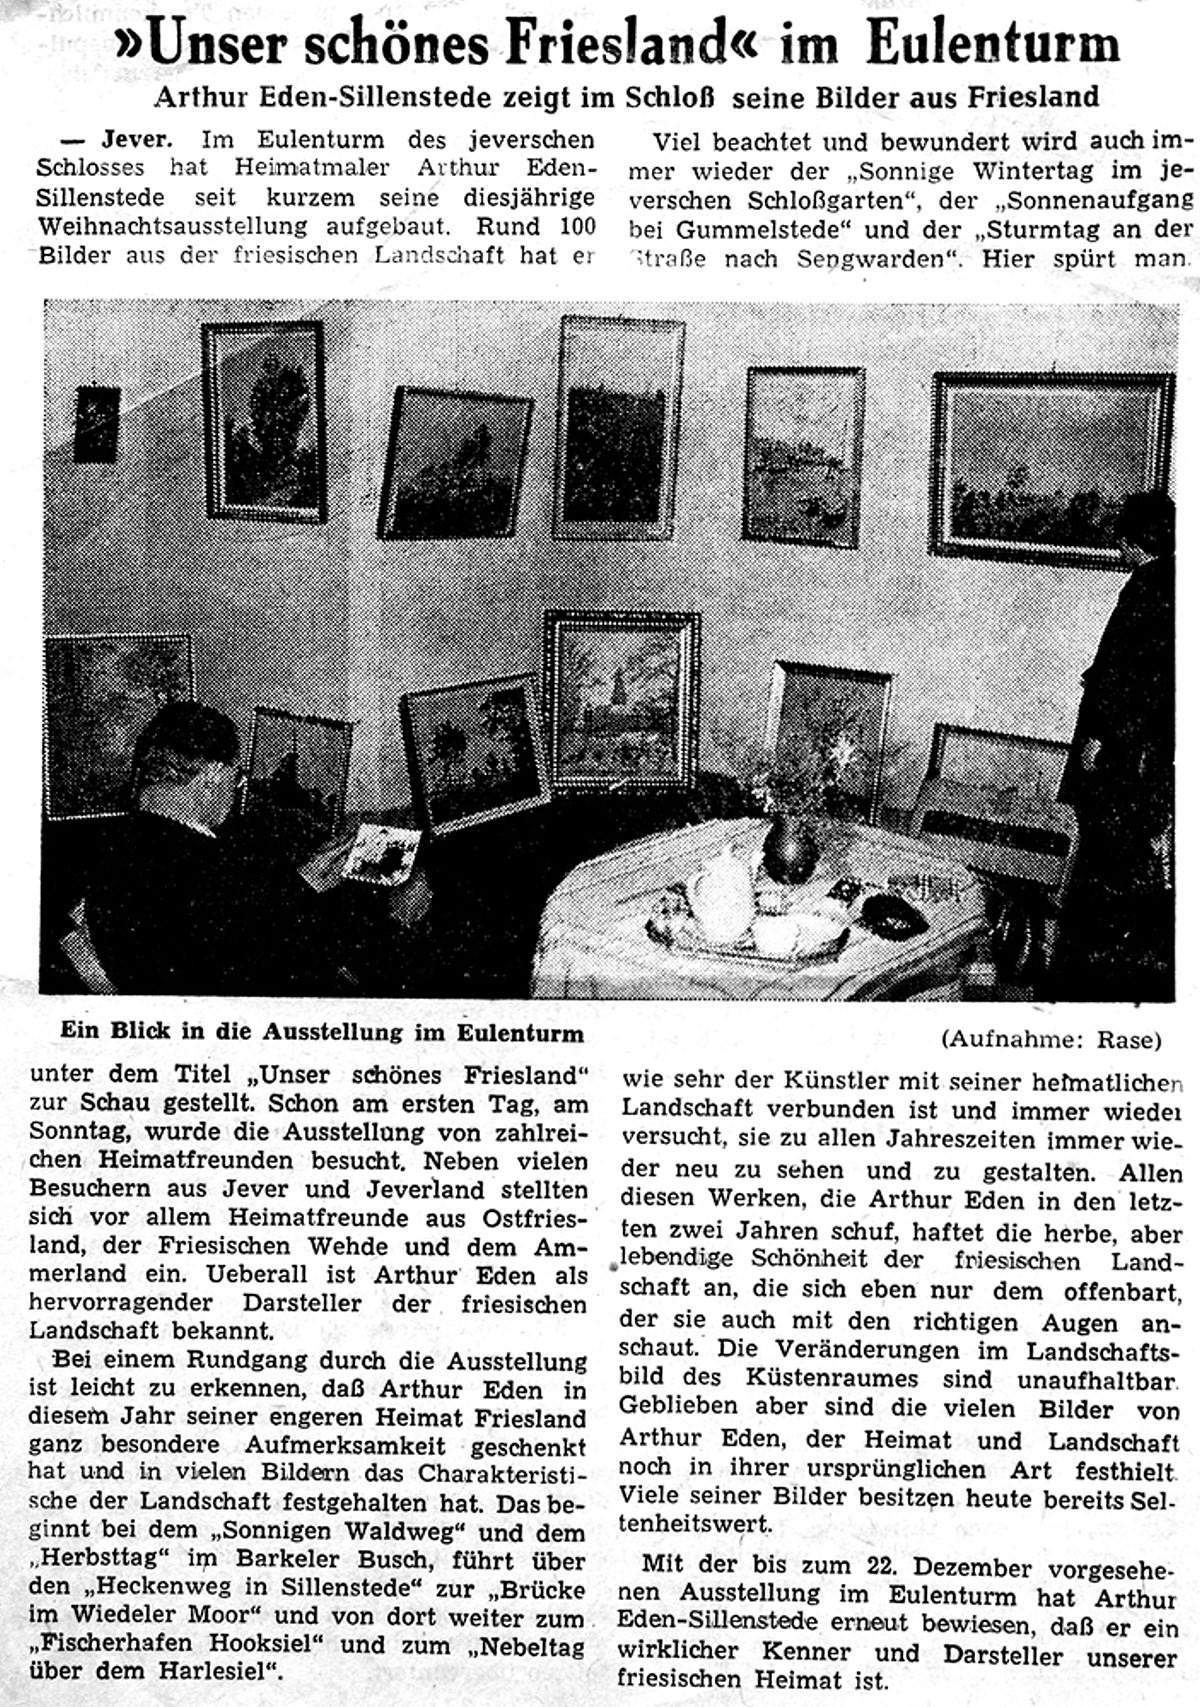 Pressebericht Eden-Sillenstede JW 06.12.1963